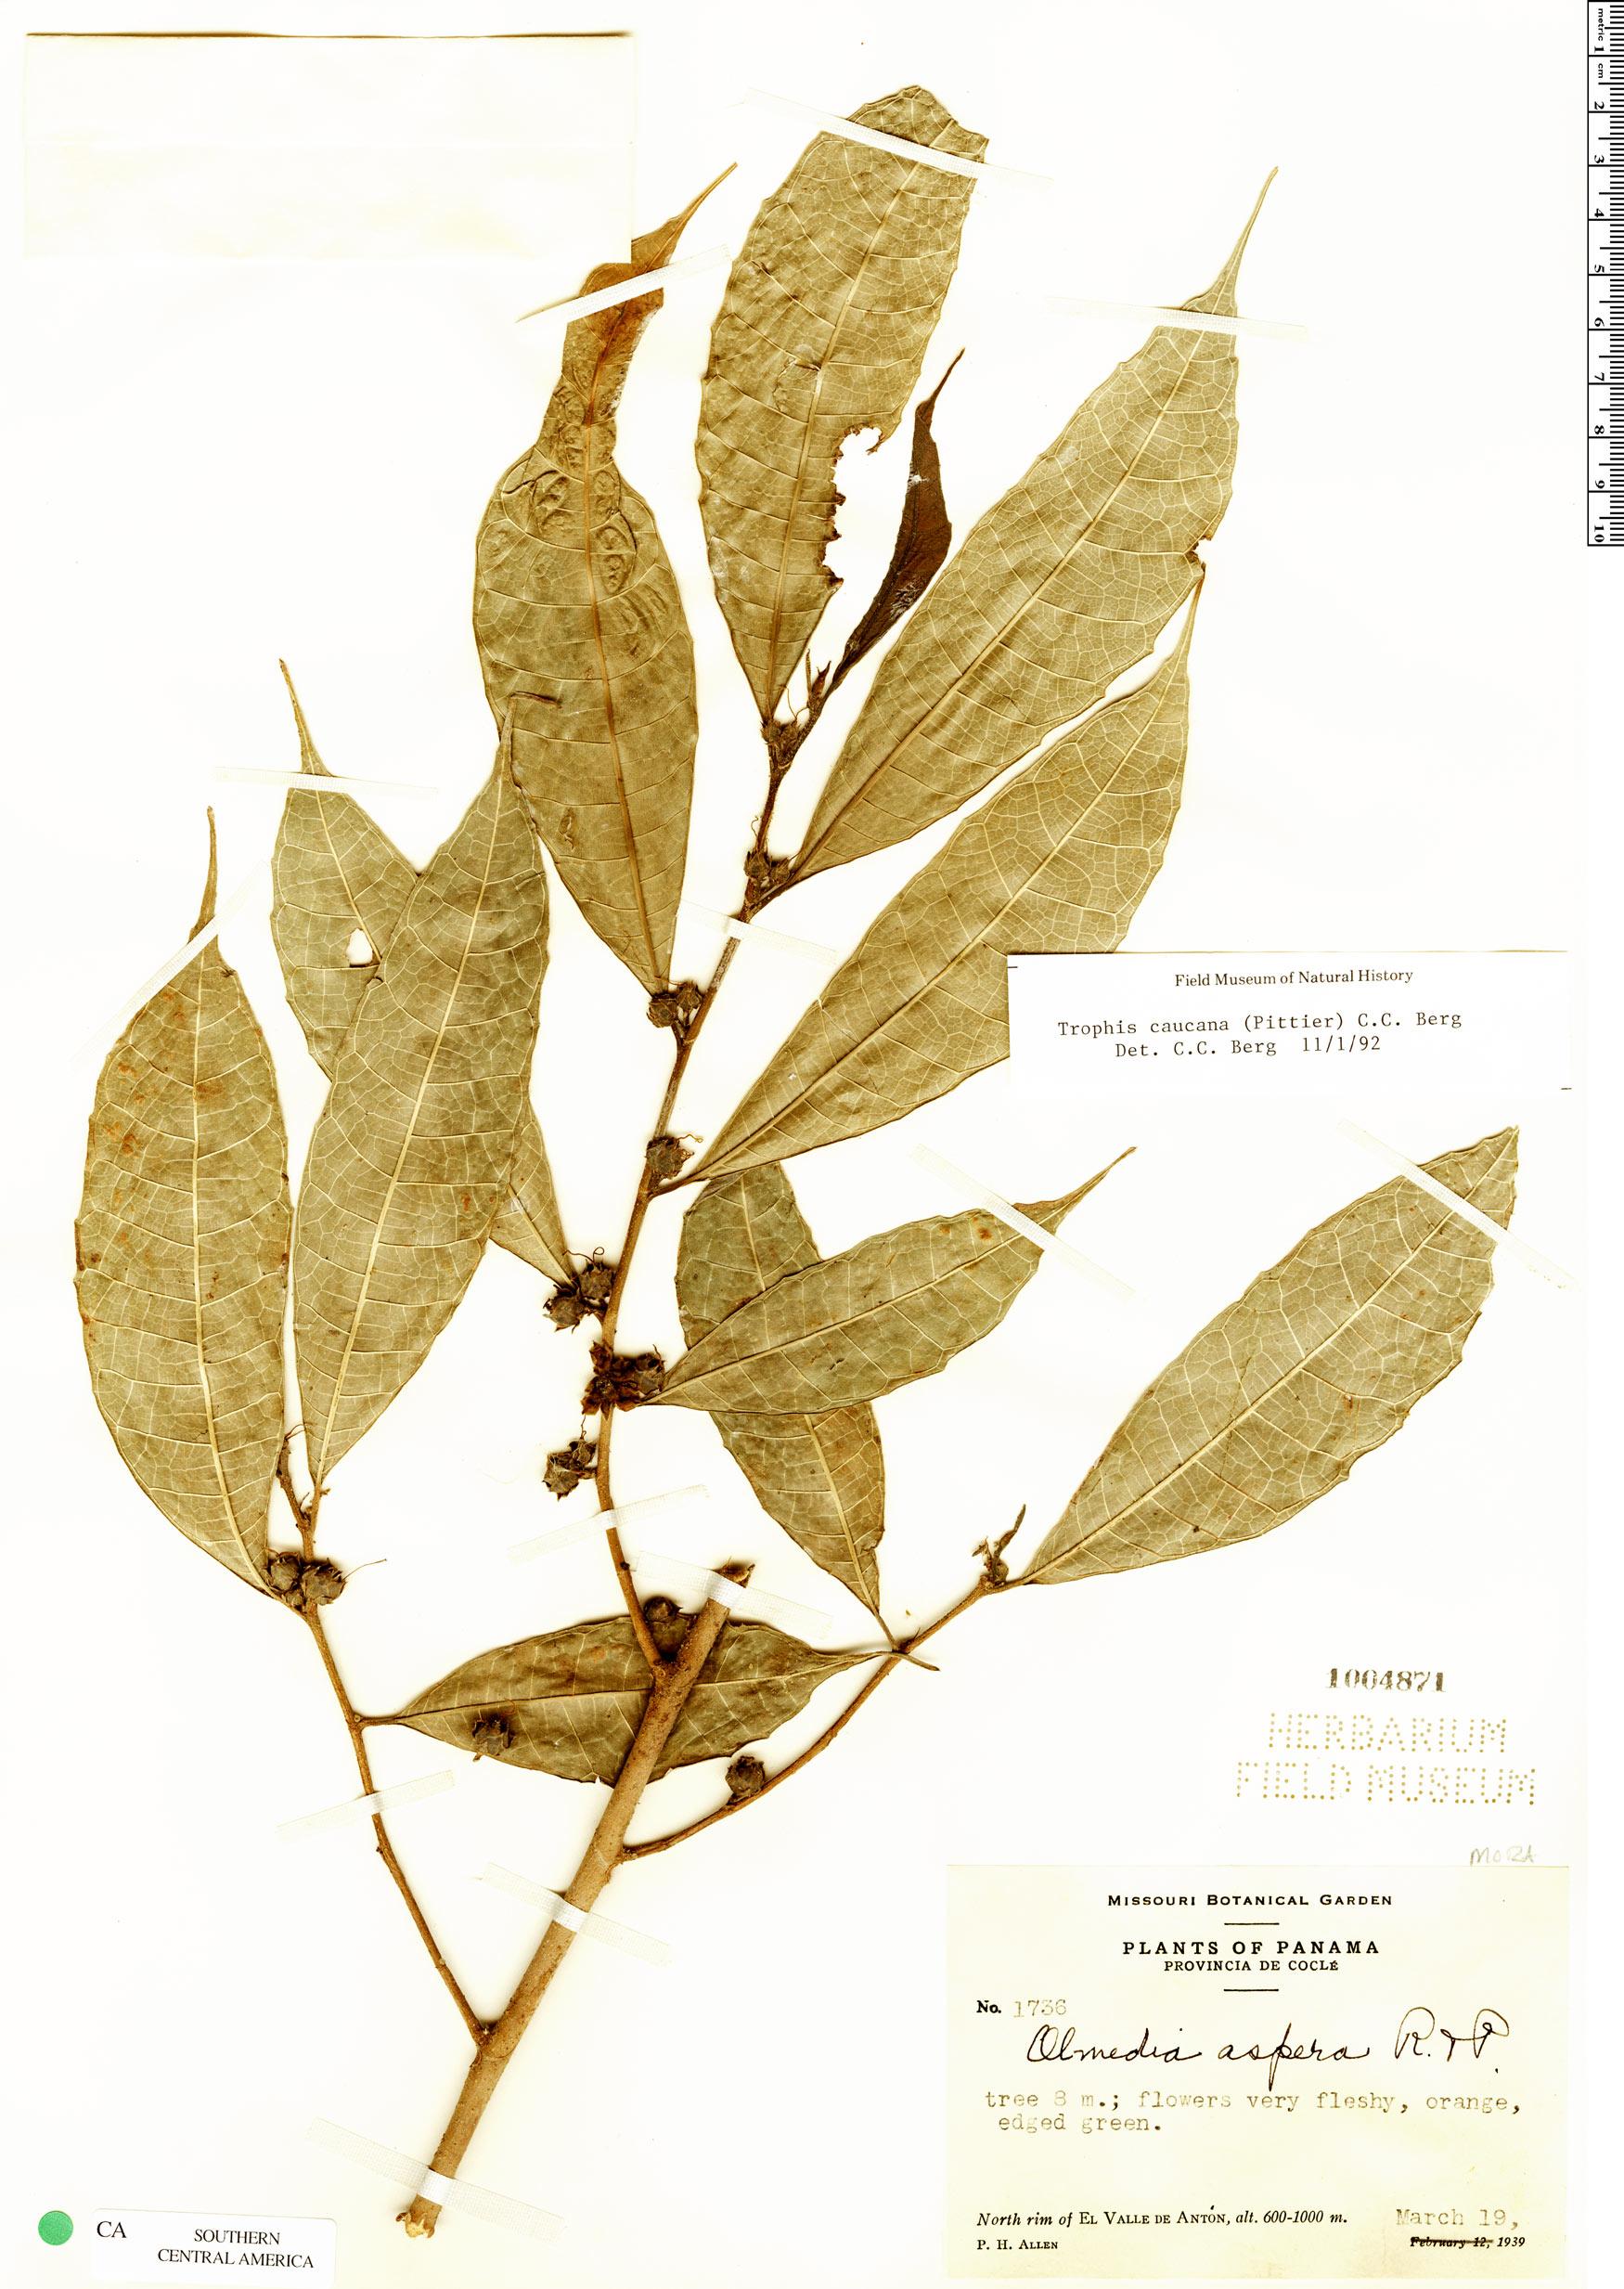 Specimen: Trophis caucana